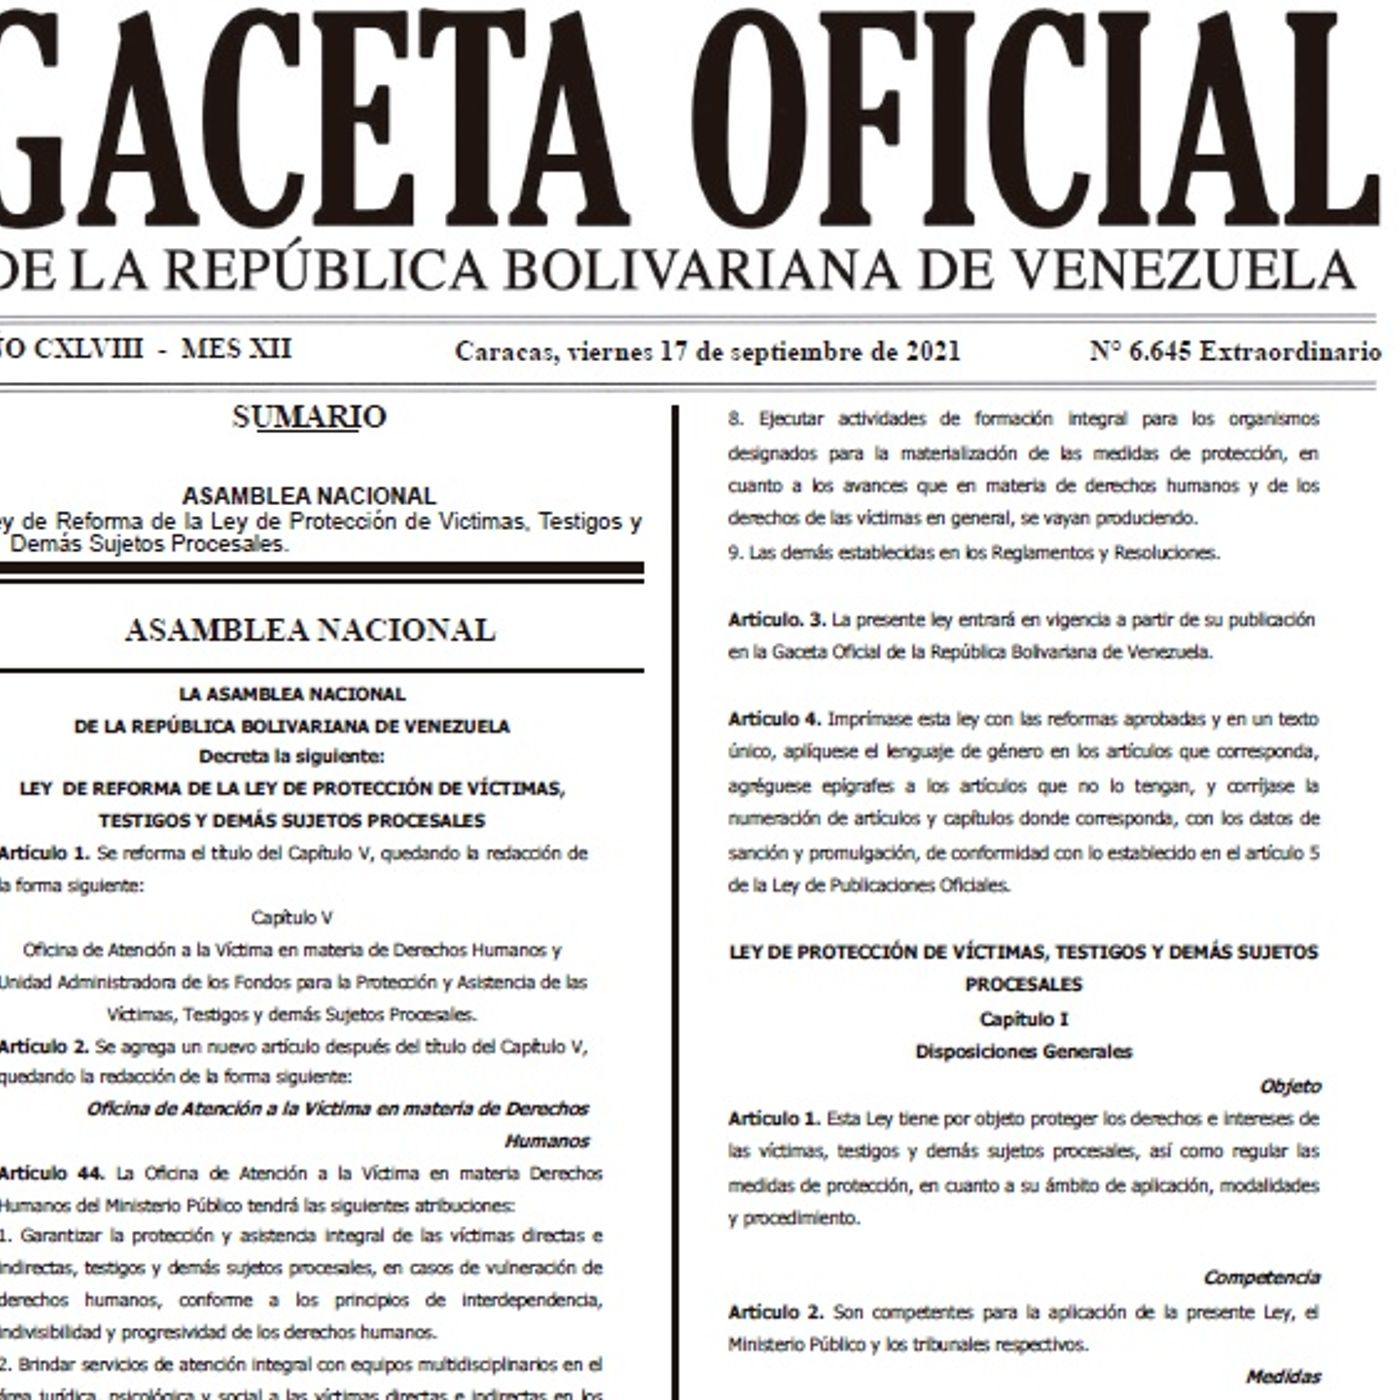 LEY DE PROTECCIÓN DE VÍCTIMAS, TESTIGOS Y DEMÁS SUJETOS PROCESALES